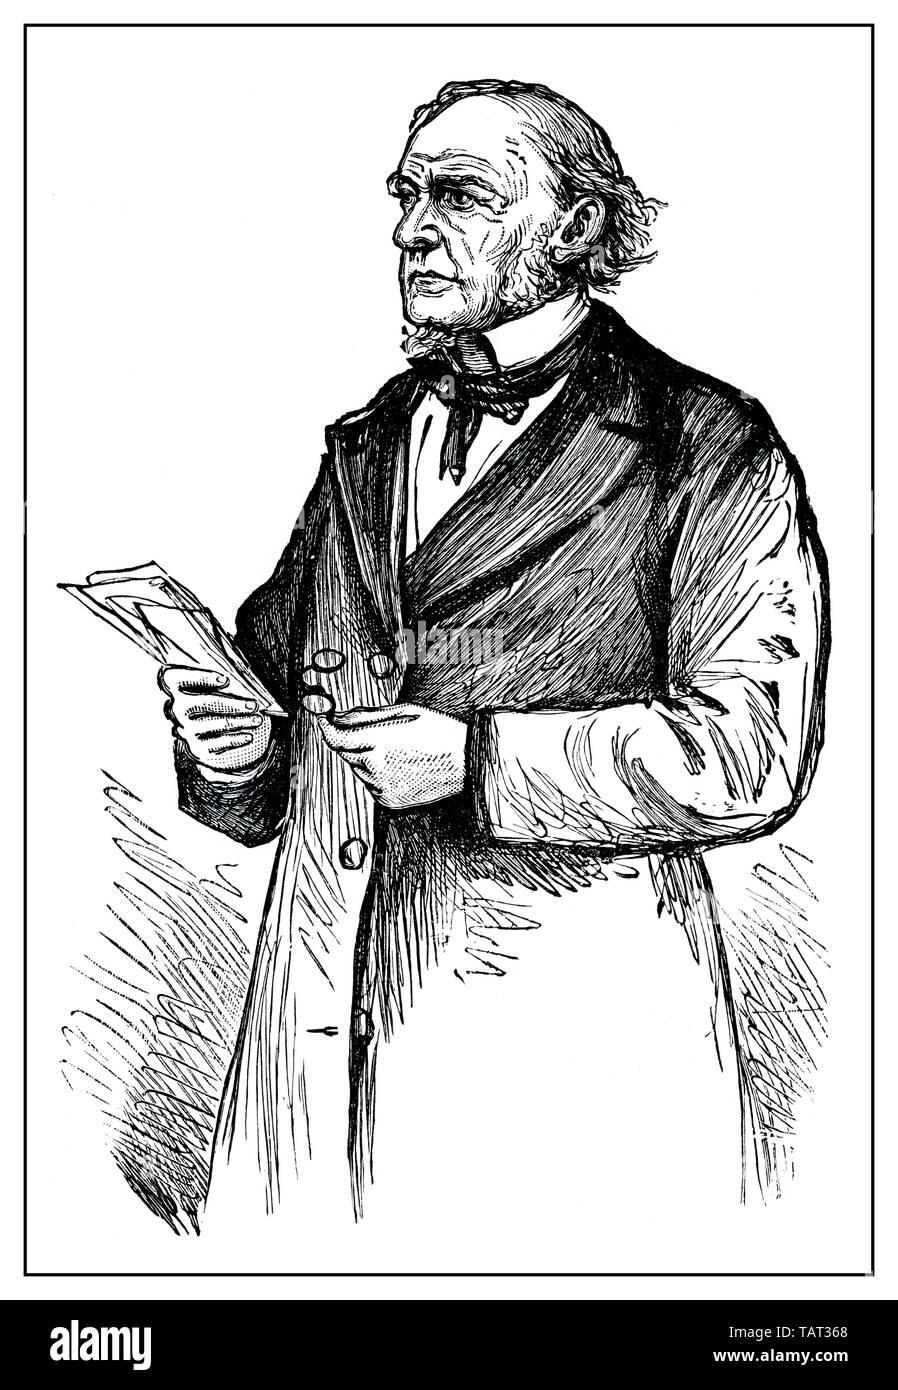 Portrait of the former British Prime Minister William Ewart Gladstone, historical engraving, 19th Century, Portrait des ehemaligen britischen Premierministers William Ewart Gladstone, historischer Stich aus dem 19. Jahrhundert - Stock Image